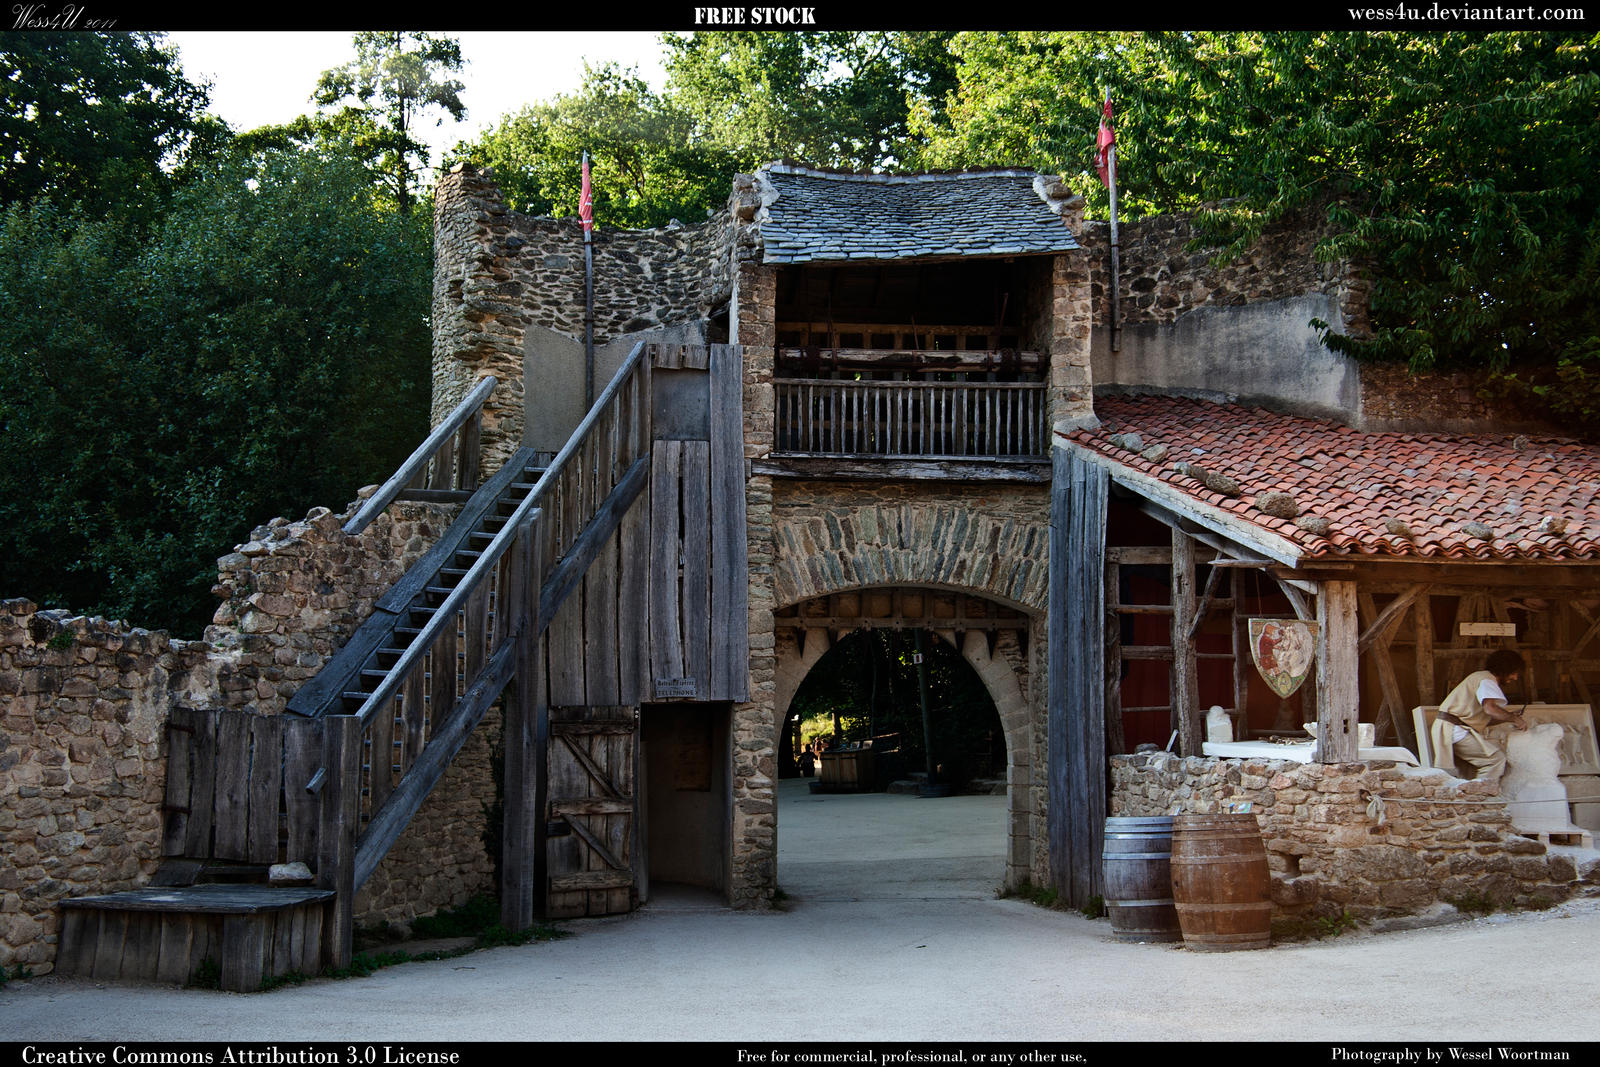 Medieval village 13 by Wess4u